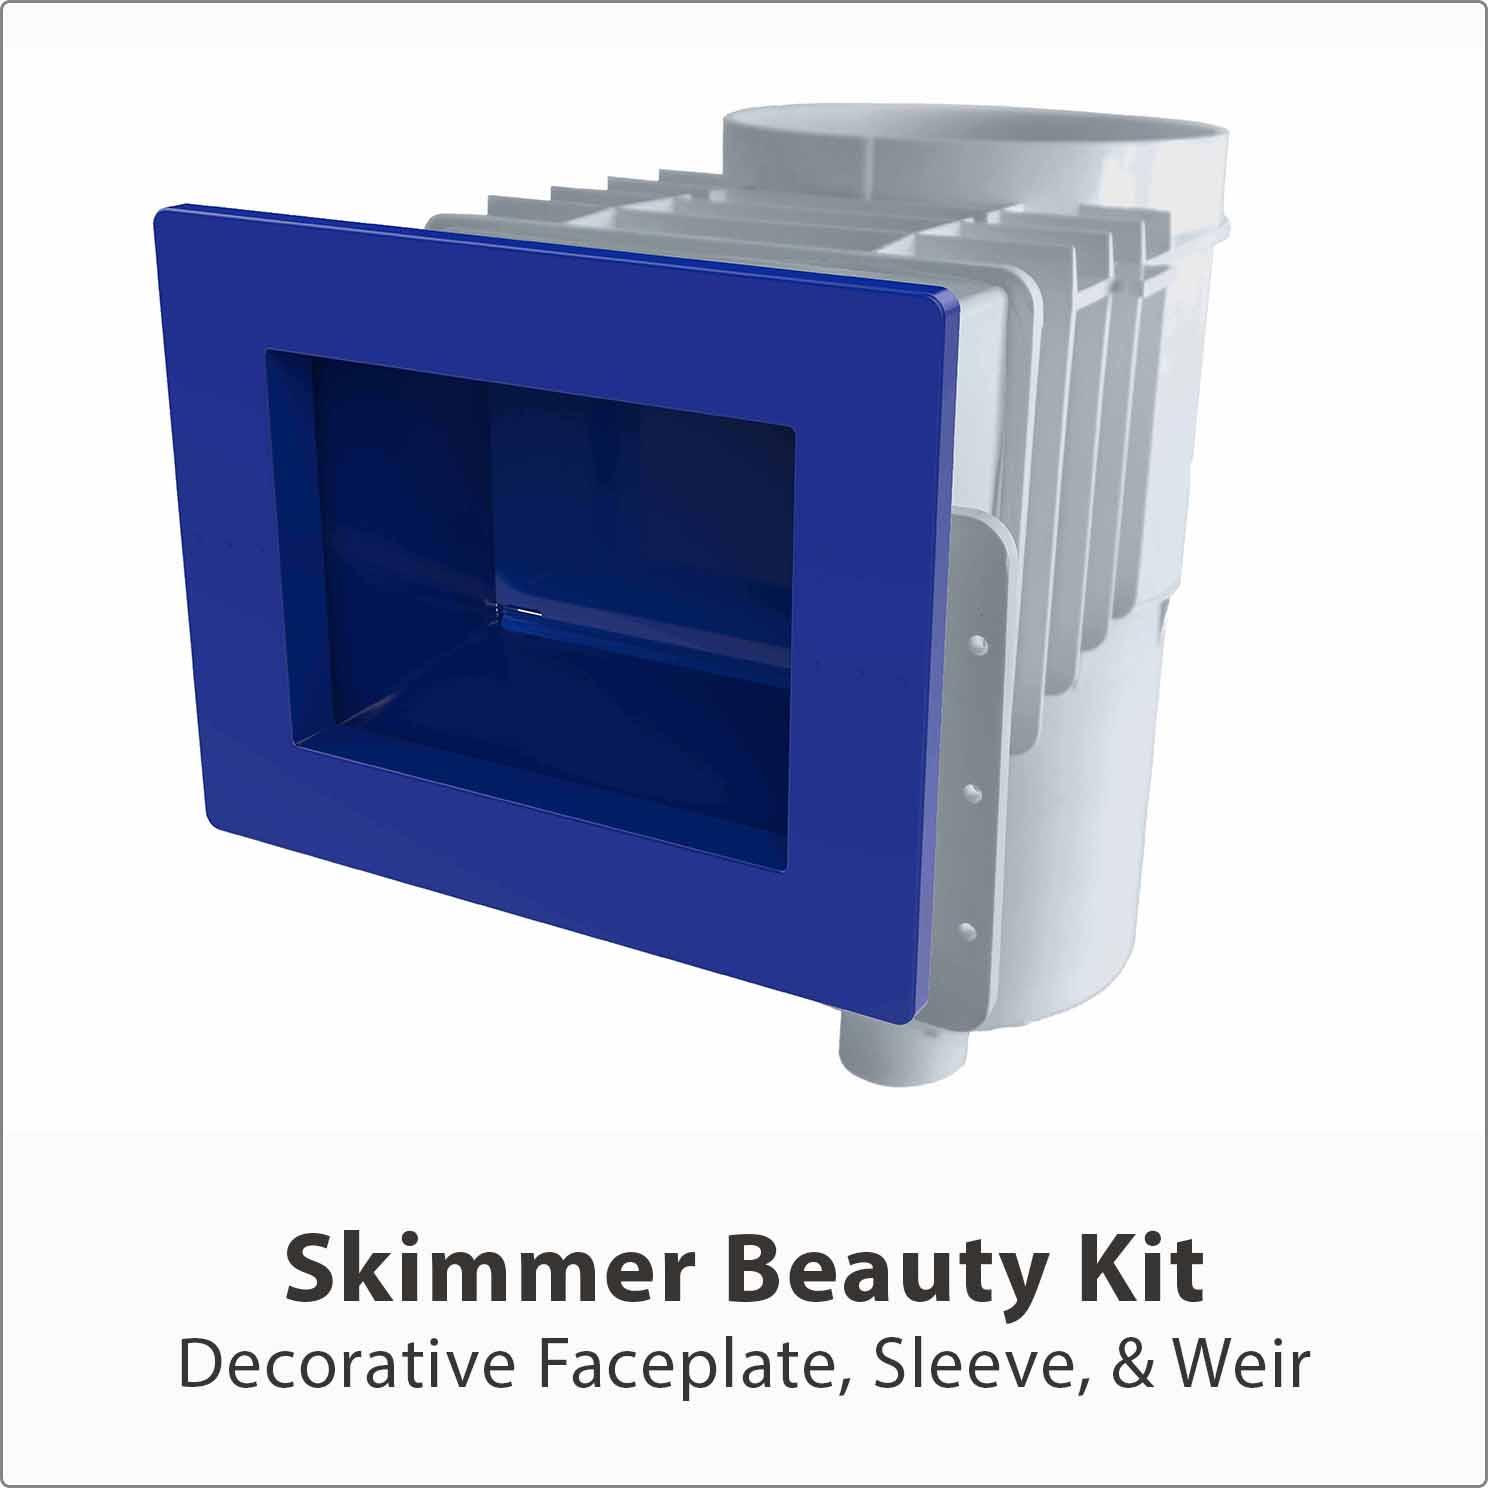 Skimmer Beauty Kit.jpg